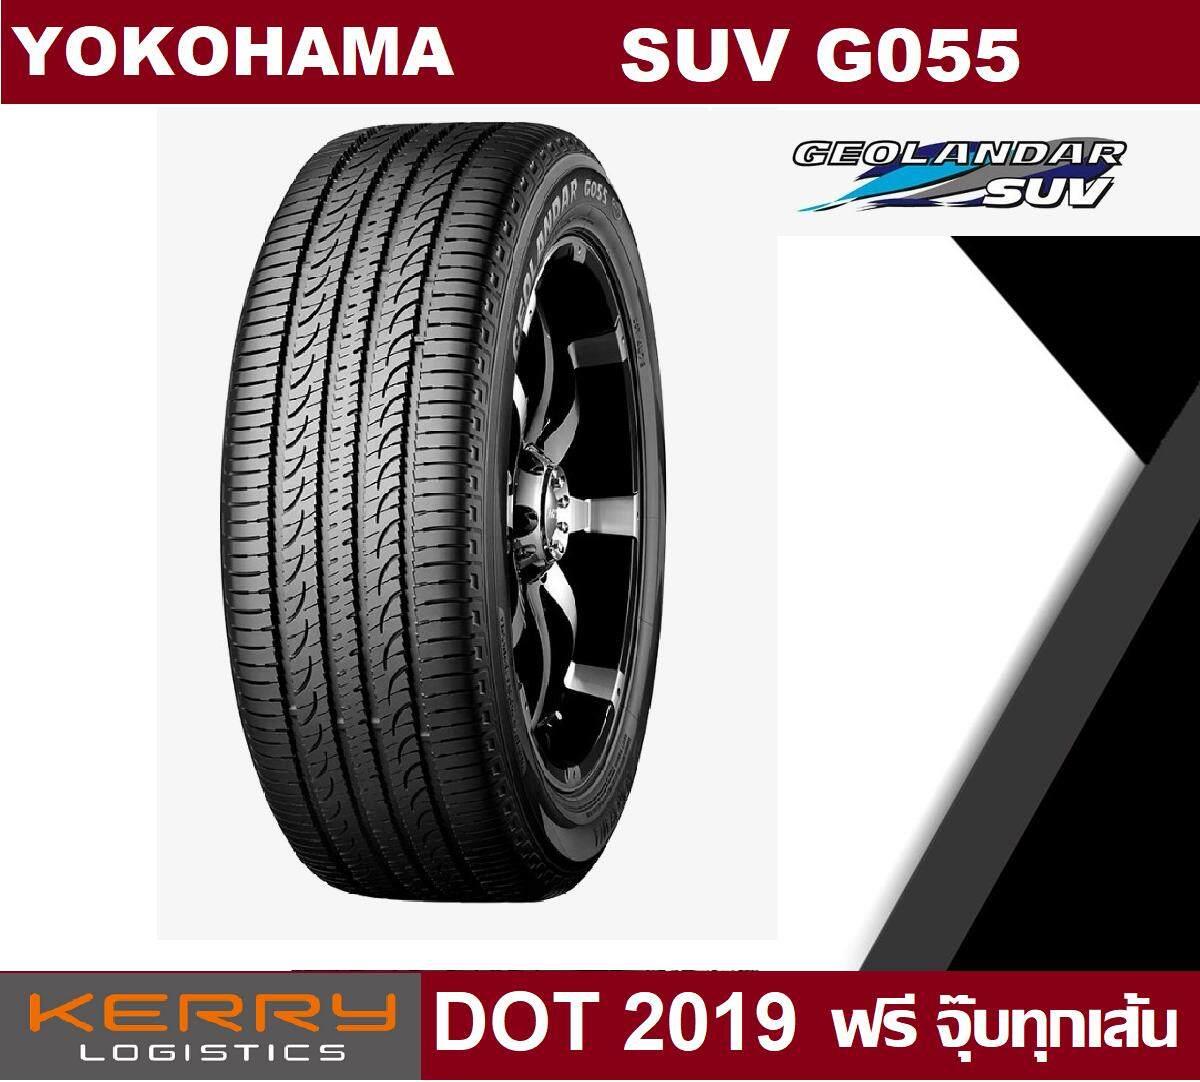 ประกันภัย รถยนต์ แบบ ผ่อน ได้ ปราจีนบุรี ยางรถยนต์ Yokohama รุ่น Geolandar SUV G055 ขนาด 205/70R15 จำนวน 4 เส้น (2019)